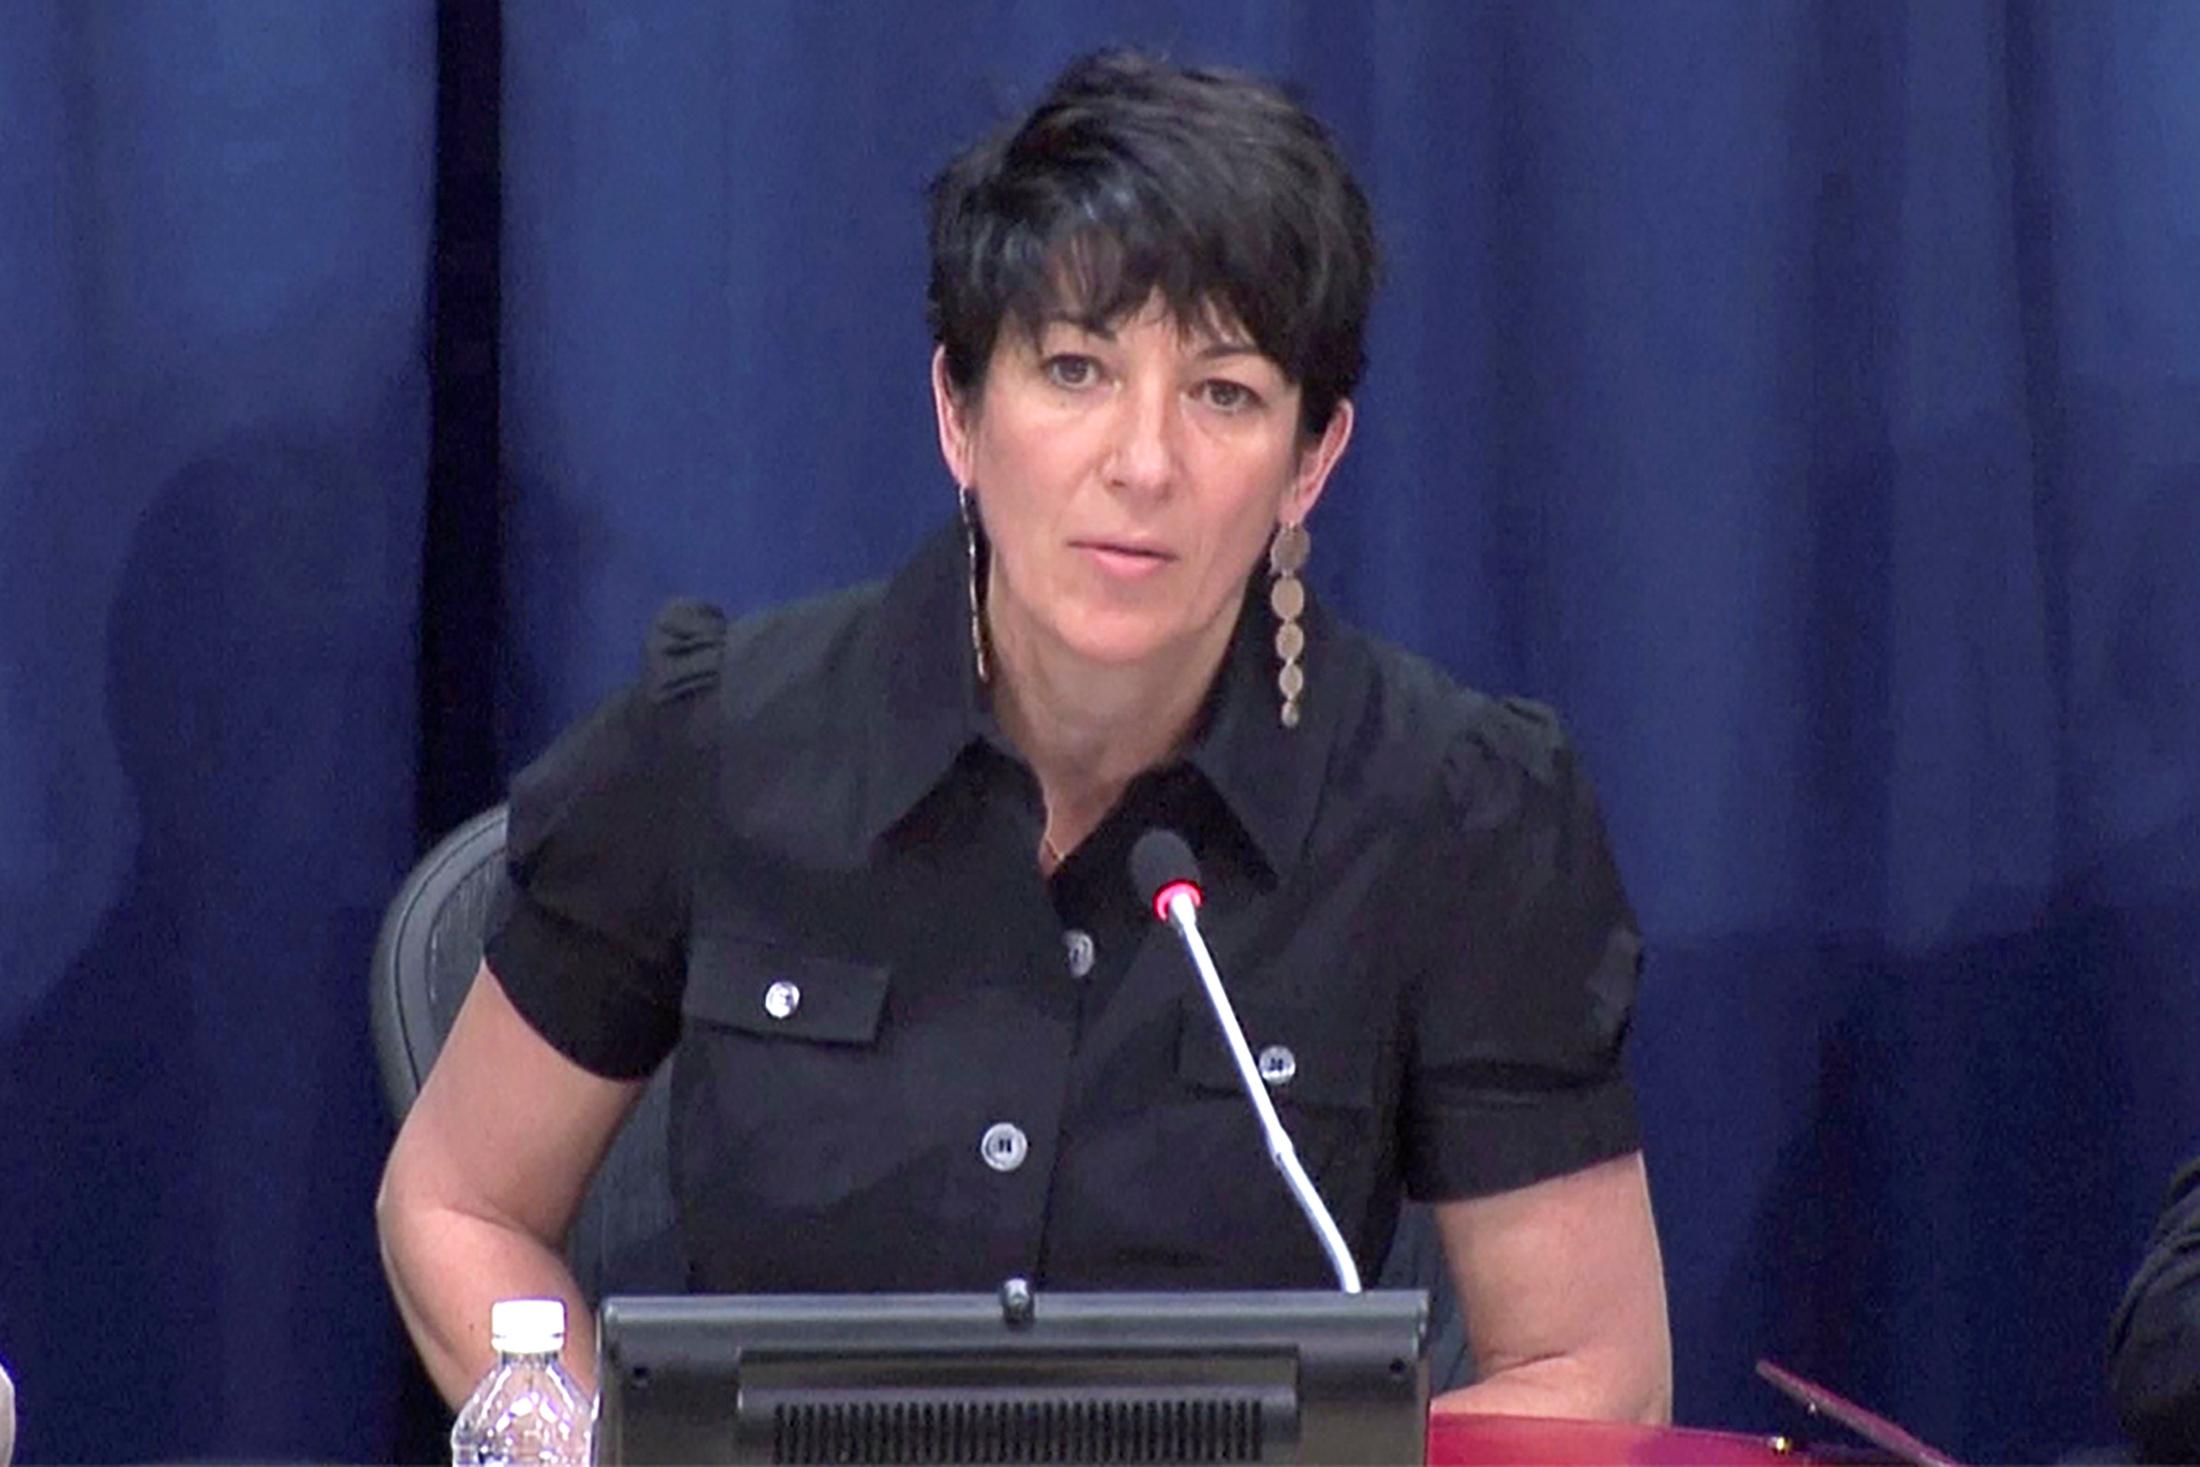 Γκισλέιν Μάξγουελ: Δίνουν 30 εκατ. δολάρια για να αποφυλακιστεί ηγυναίκα που οργάνωνε τους βιασμούς για λογαριασμό του Επστάιν